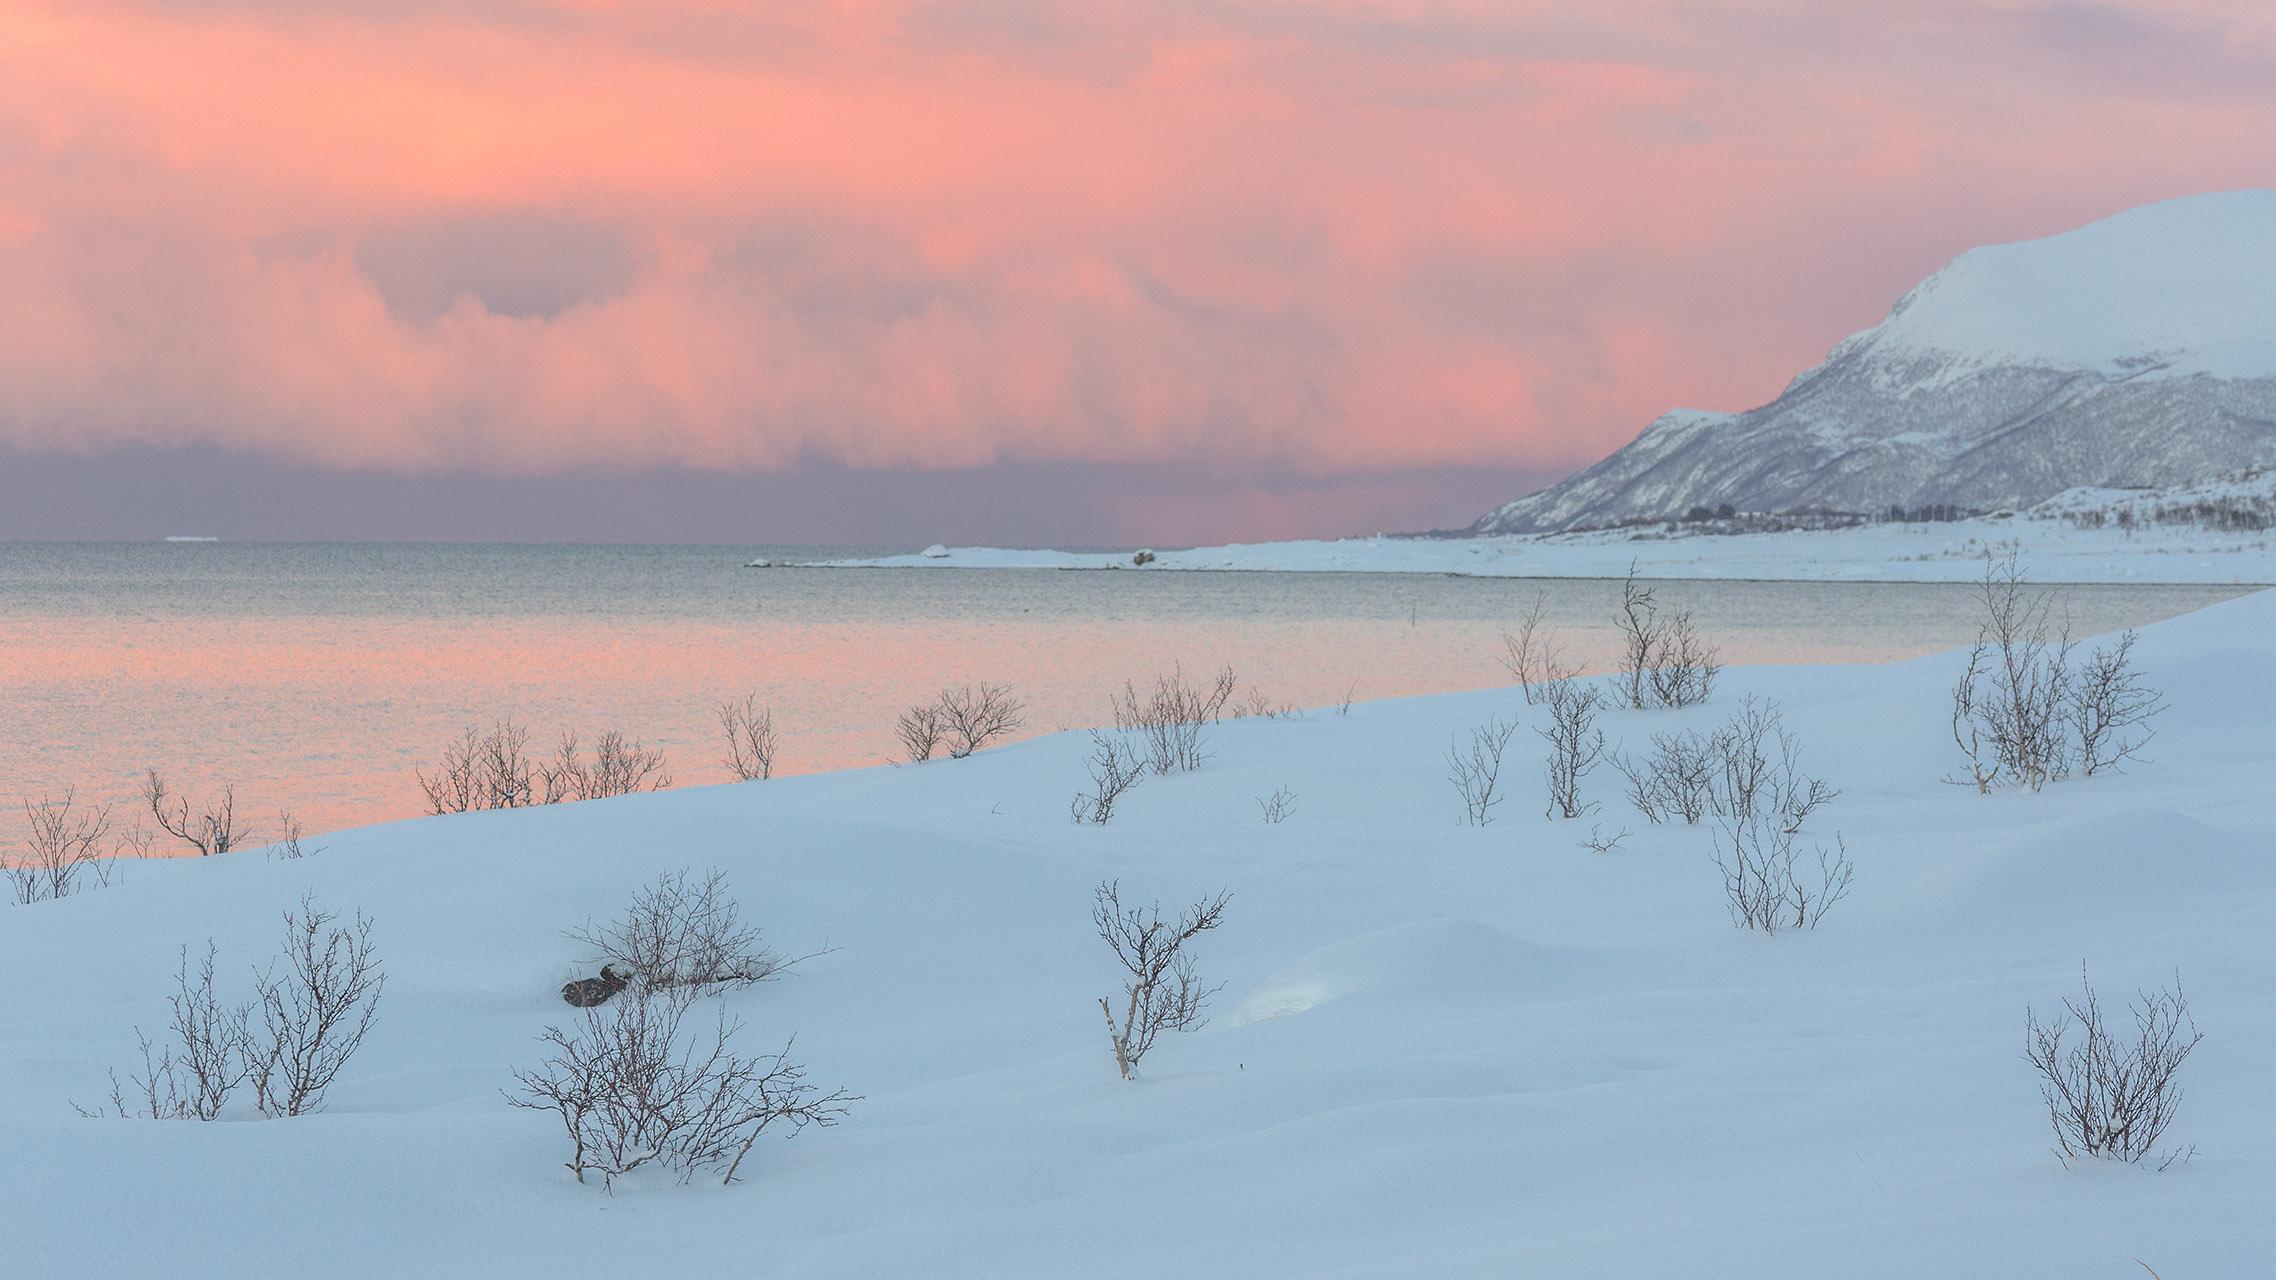 Zachte tintenboven een fjord op de Vesteralen in Noorwegen